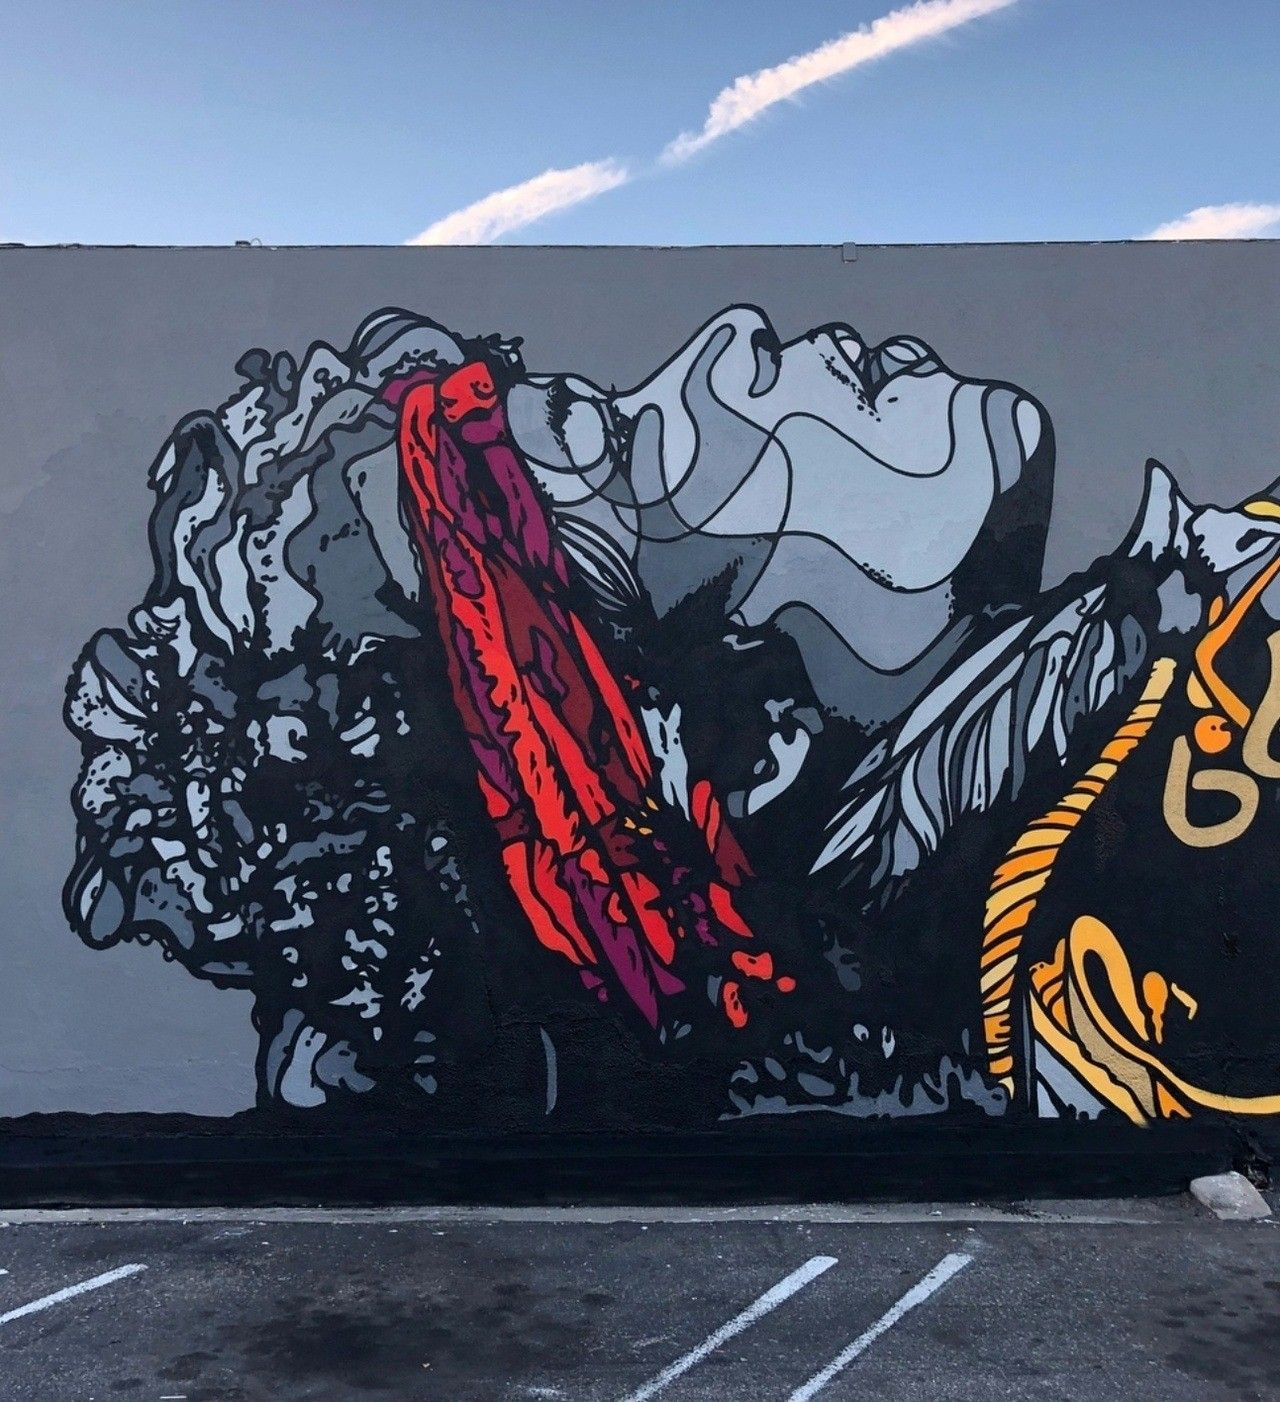 David flores with images urban art street art art